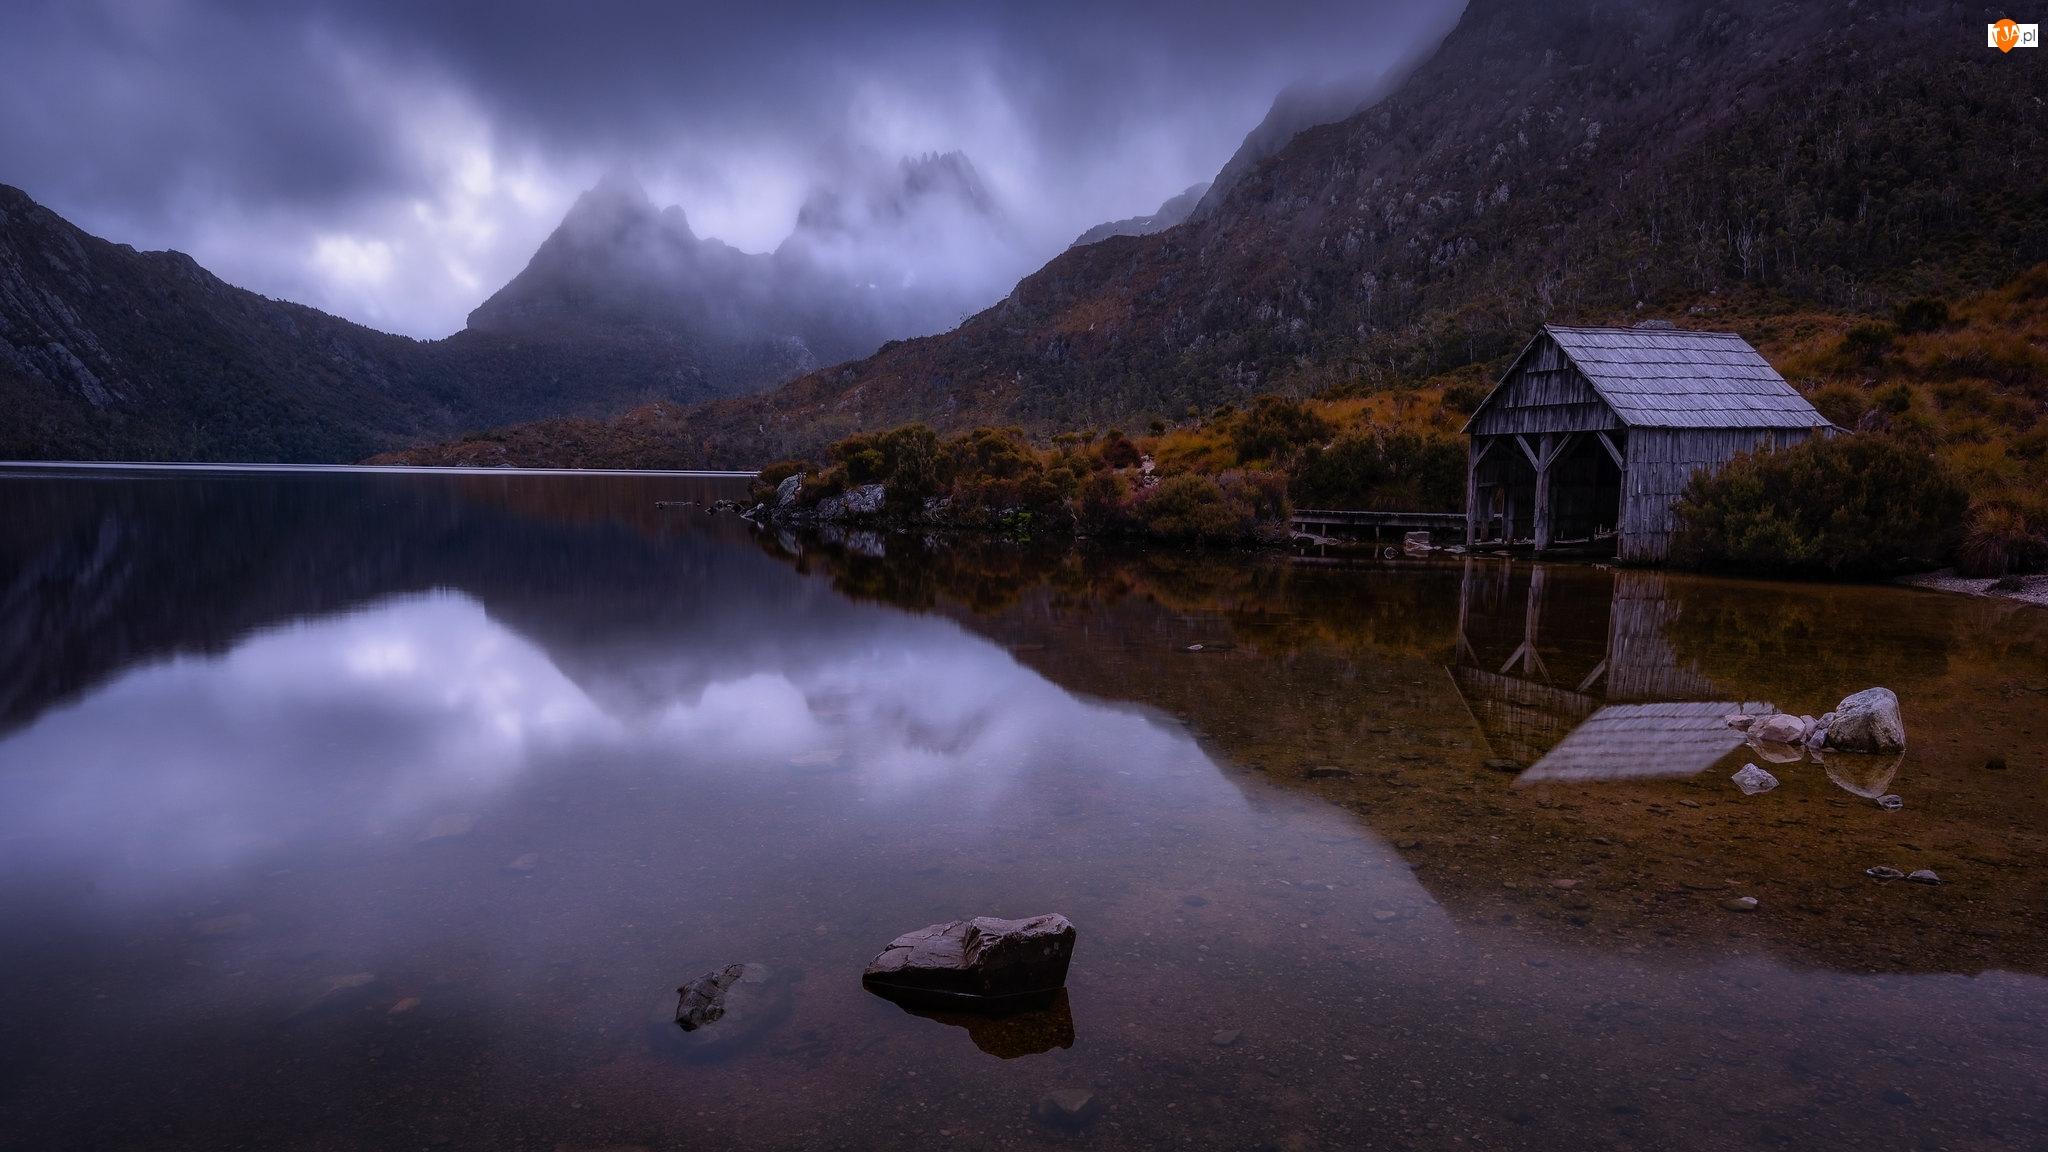 Australia, Szopa, Mgła, Drzewa, Cradle Mountain, Góry, Jezioro, Park Narodowy Cradle Mountain, Dove Lake, Tasmania